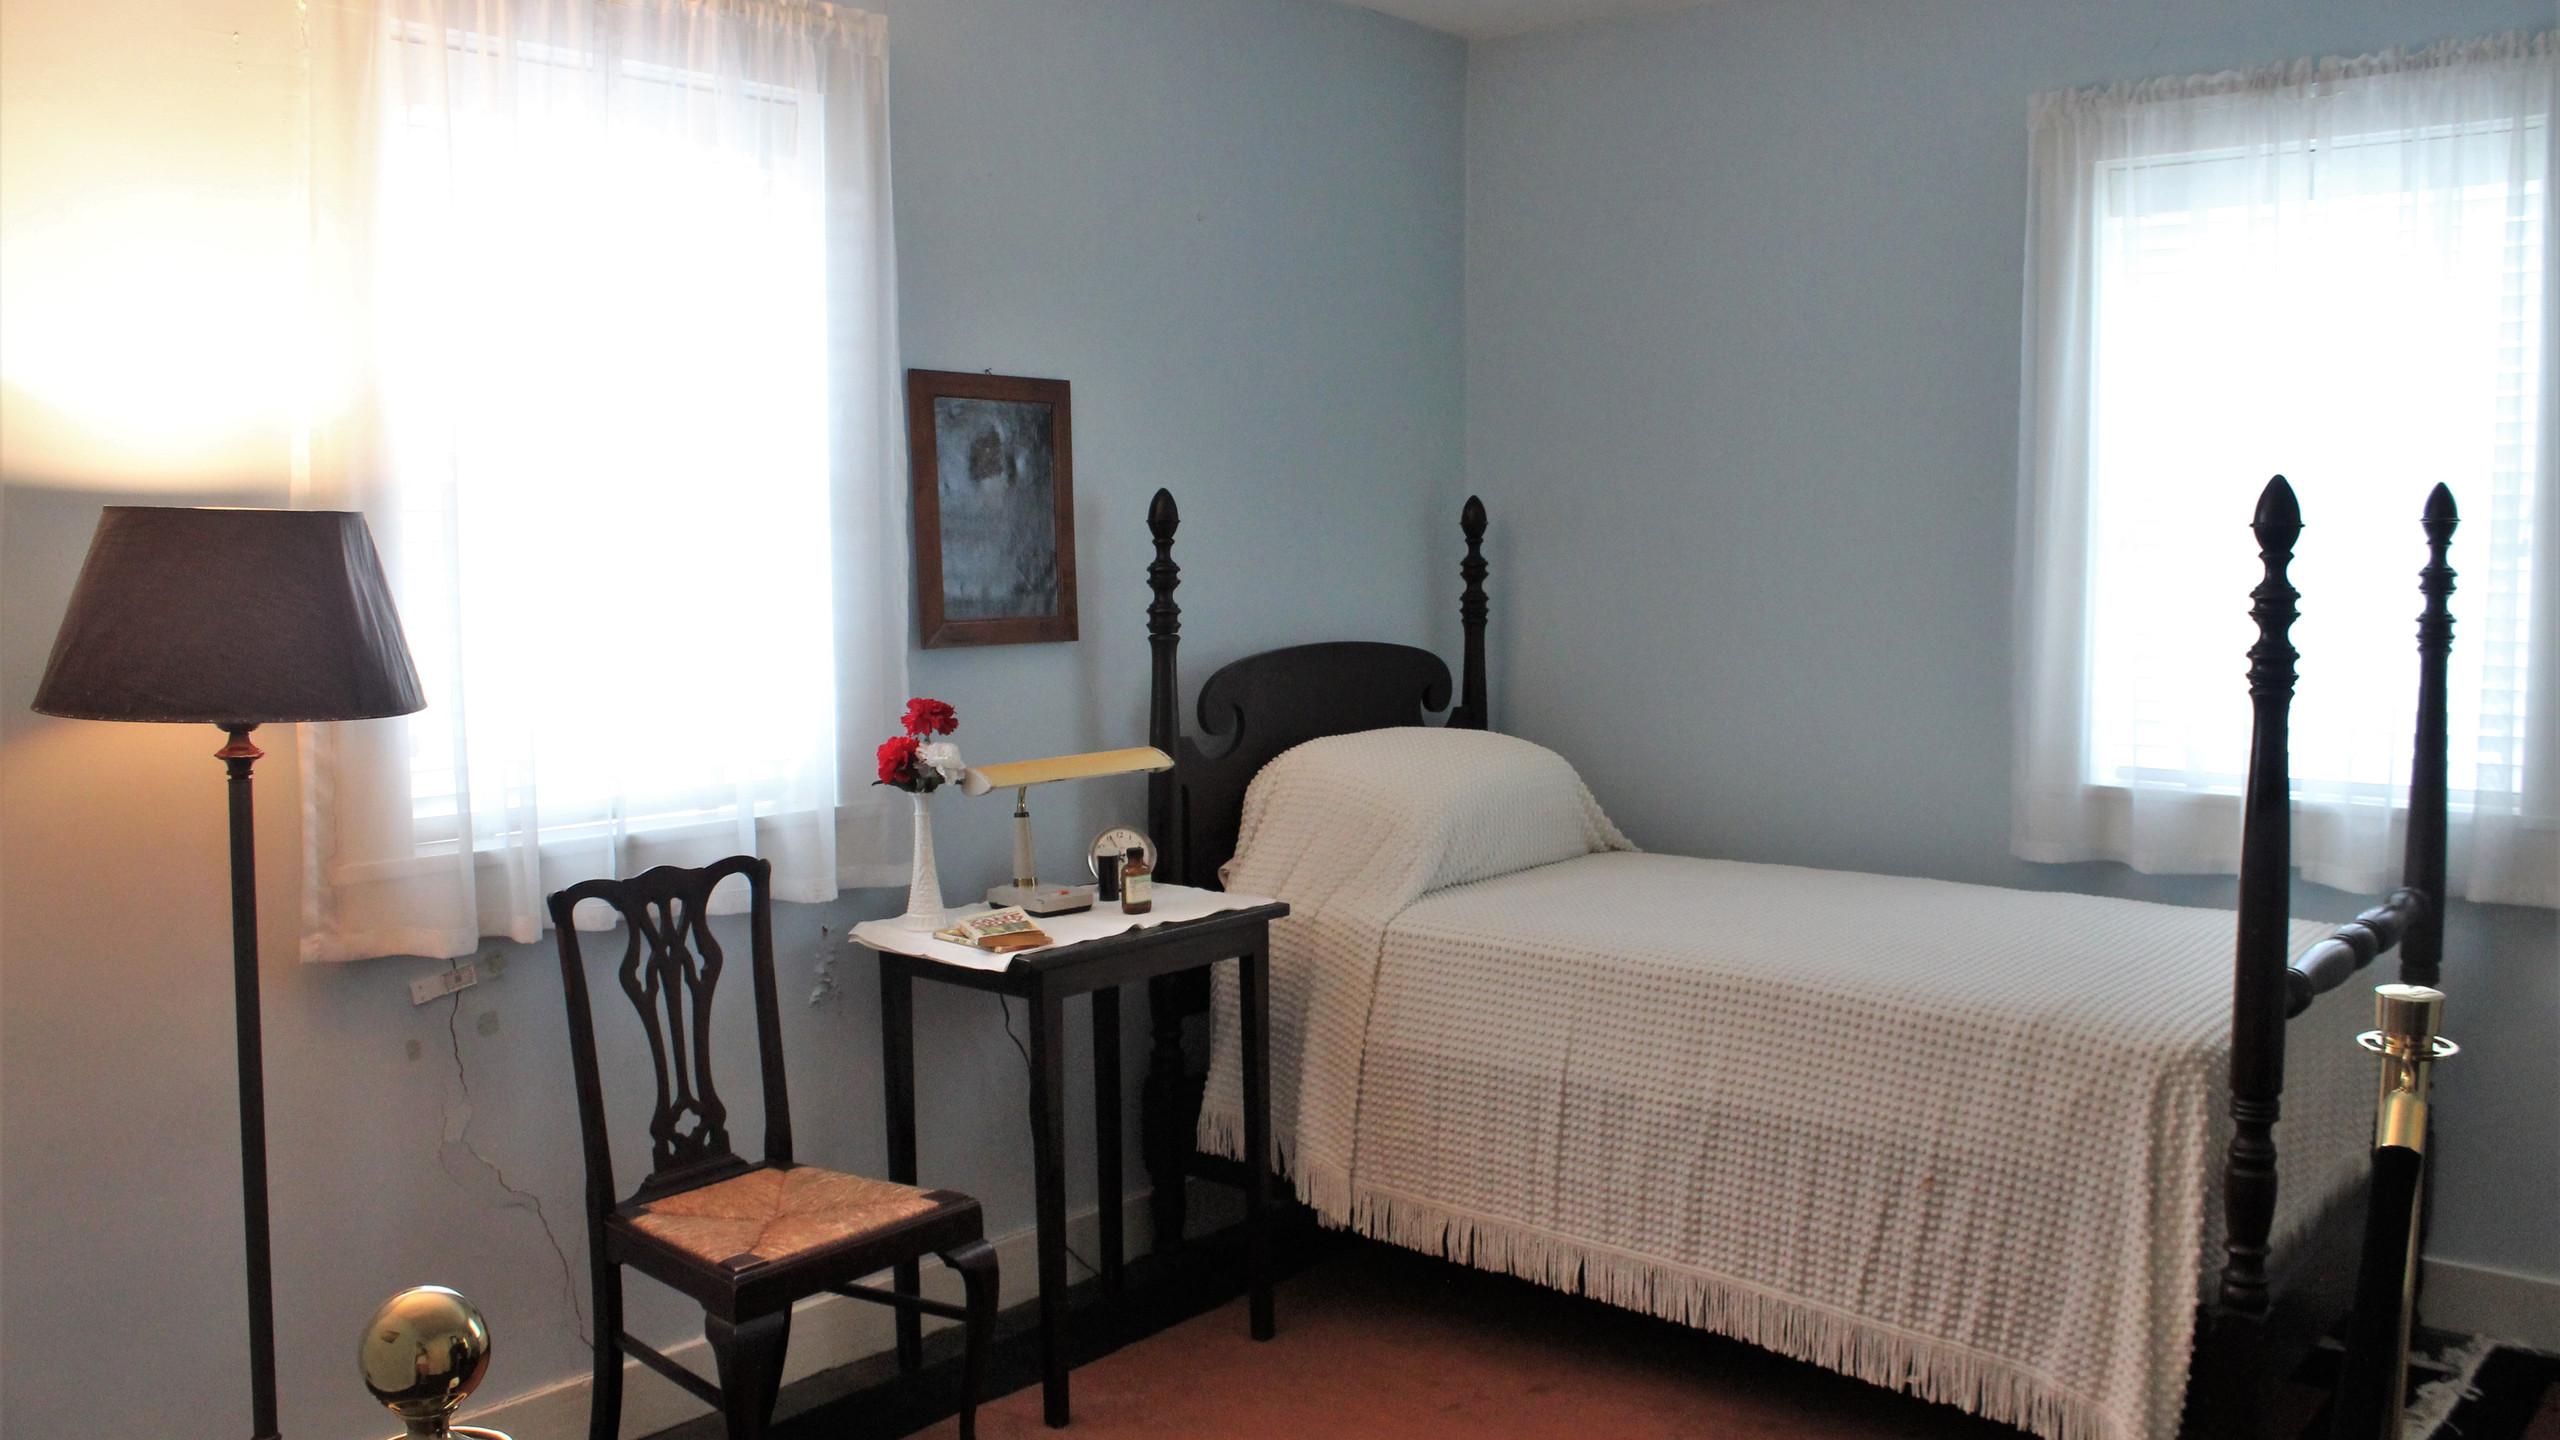 George Marshall's Bedroom